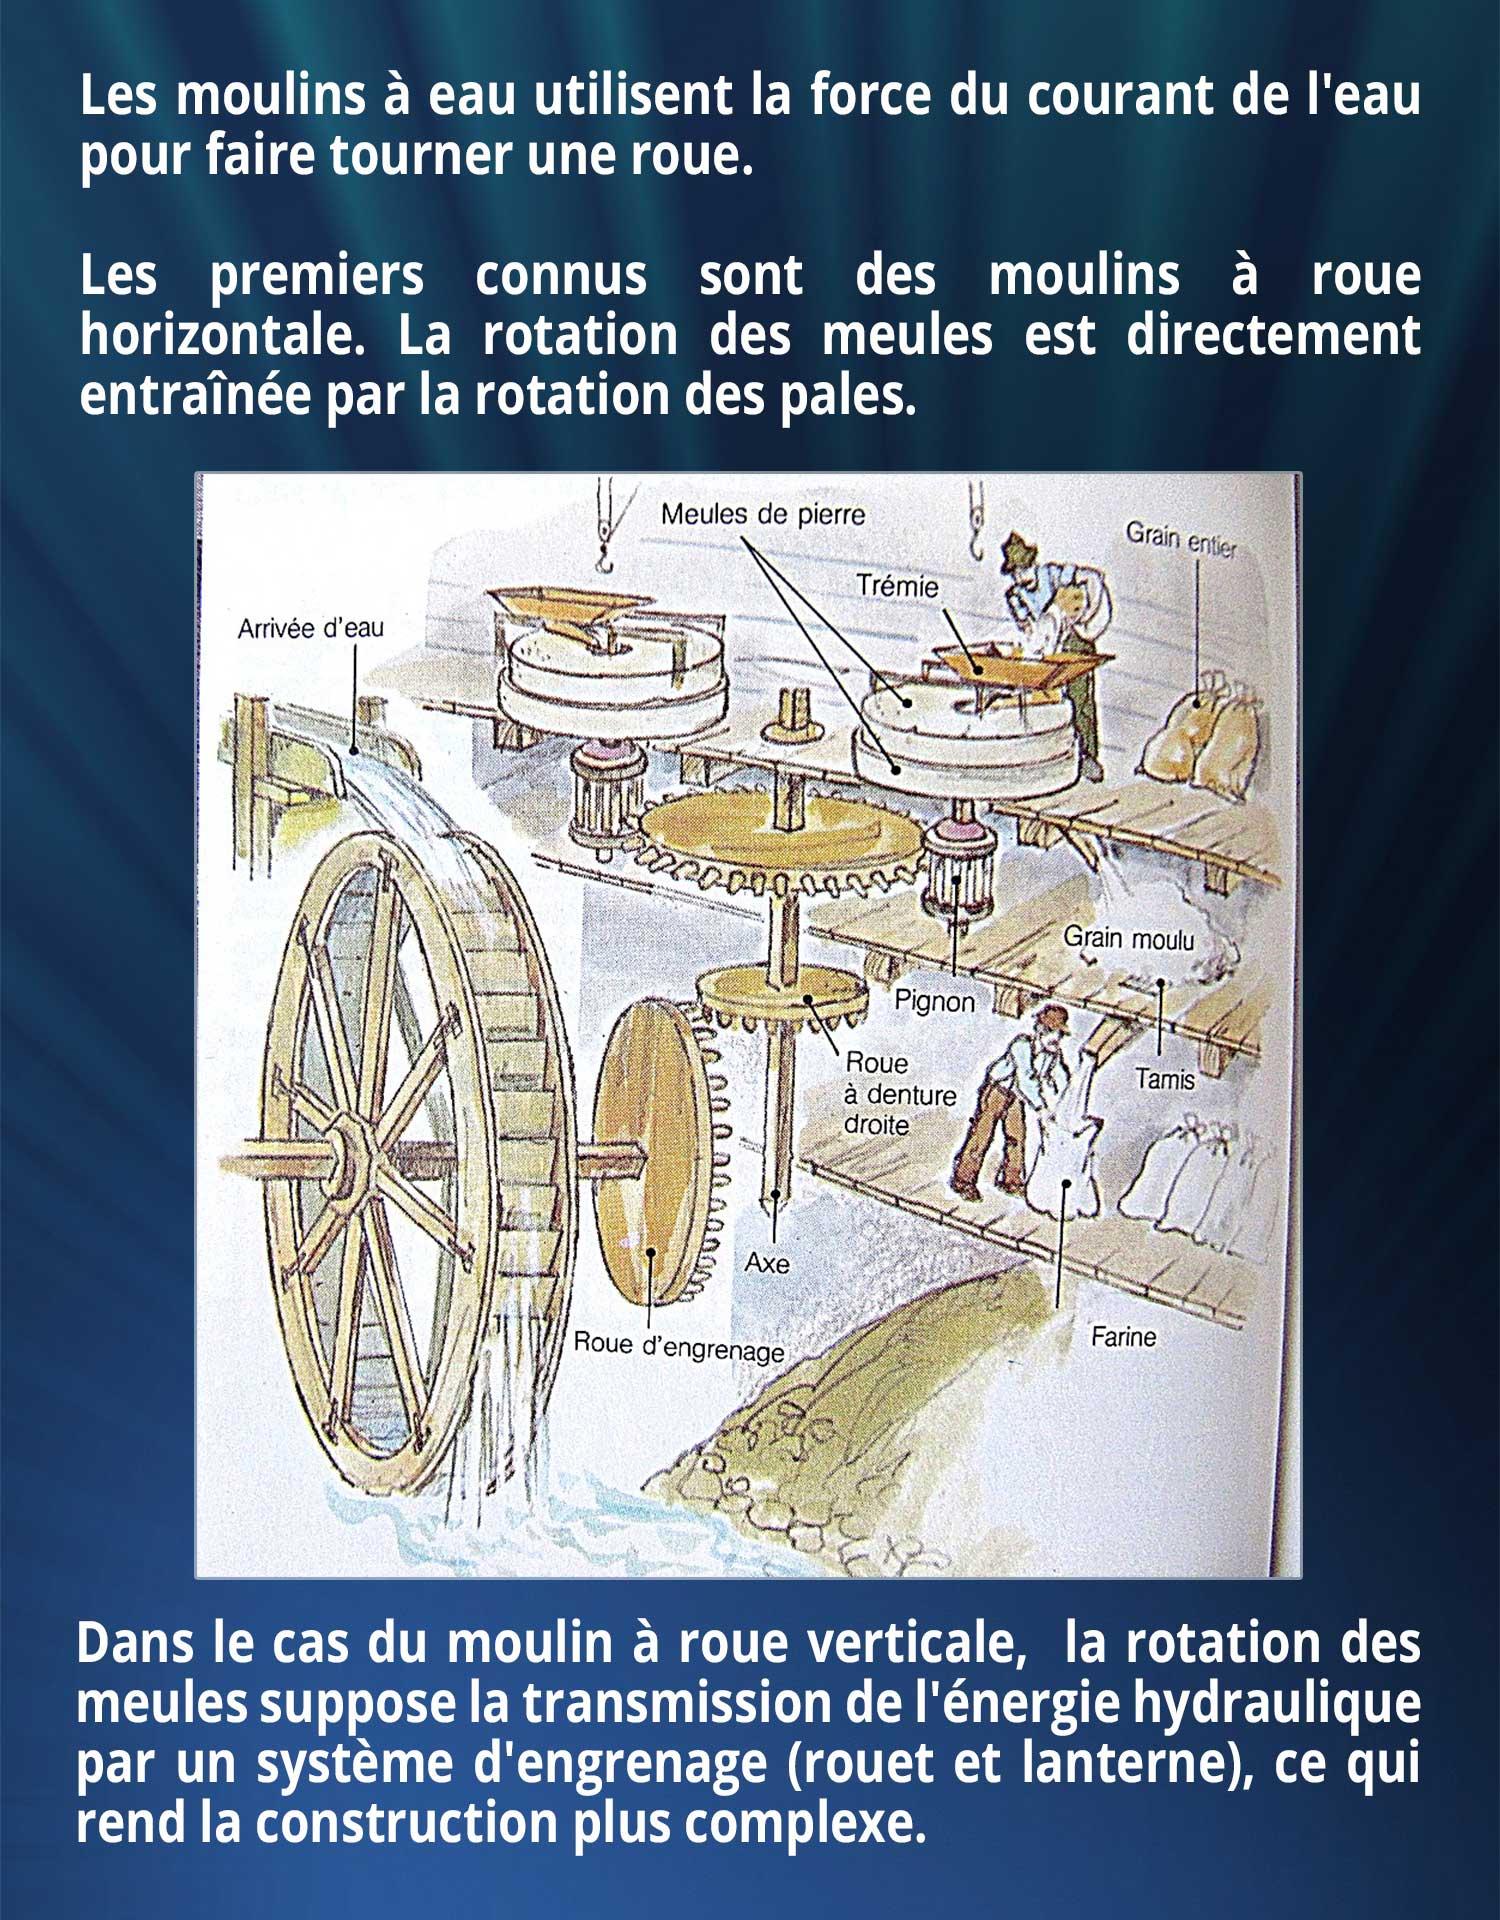 Les moulins à eau utilisent la force du courant de l'eau pour faire tourner une roue. Les premiers connus sont des moulins à roue horizontale. La rotation des meules est directement entraînée par la rotation des pales. Dans le cas du moulin à roue verticale,  la rotation des meules suppose la transmission de l'énergie hydraulique par un système d'engrenage (rouet et lanterne), ce qui rend la construction plus complexe.